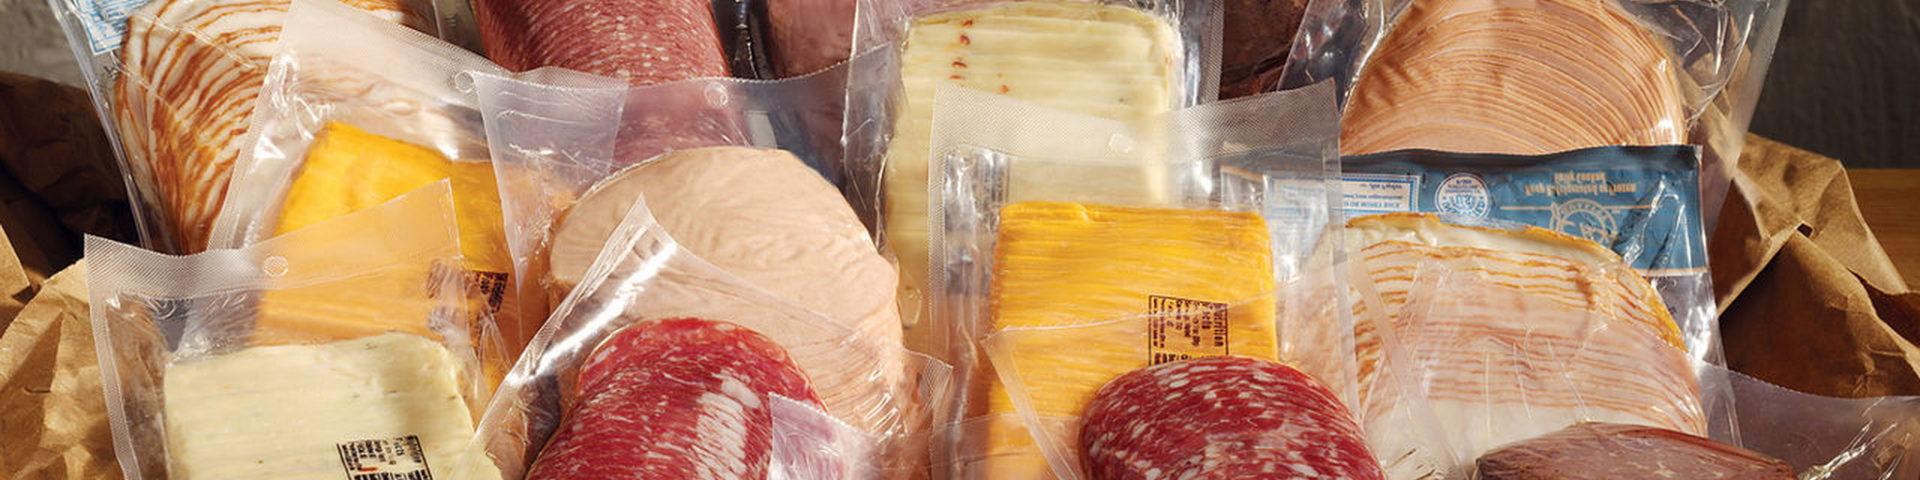 Вакуумный упаковщик продуктов